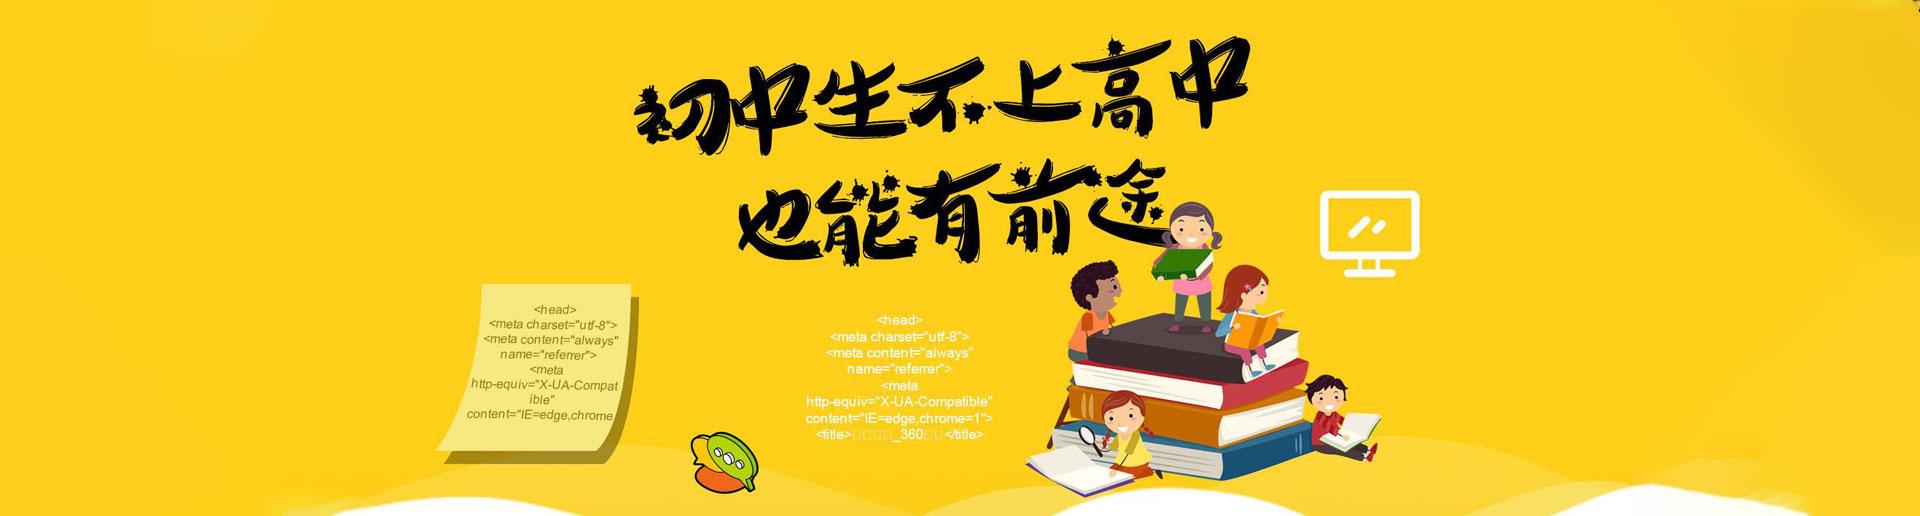 赤峰专科本科学历提升